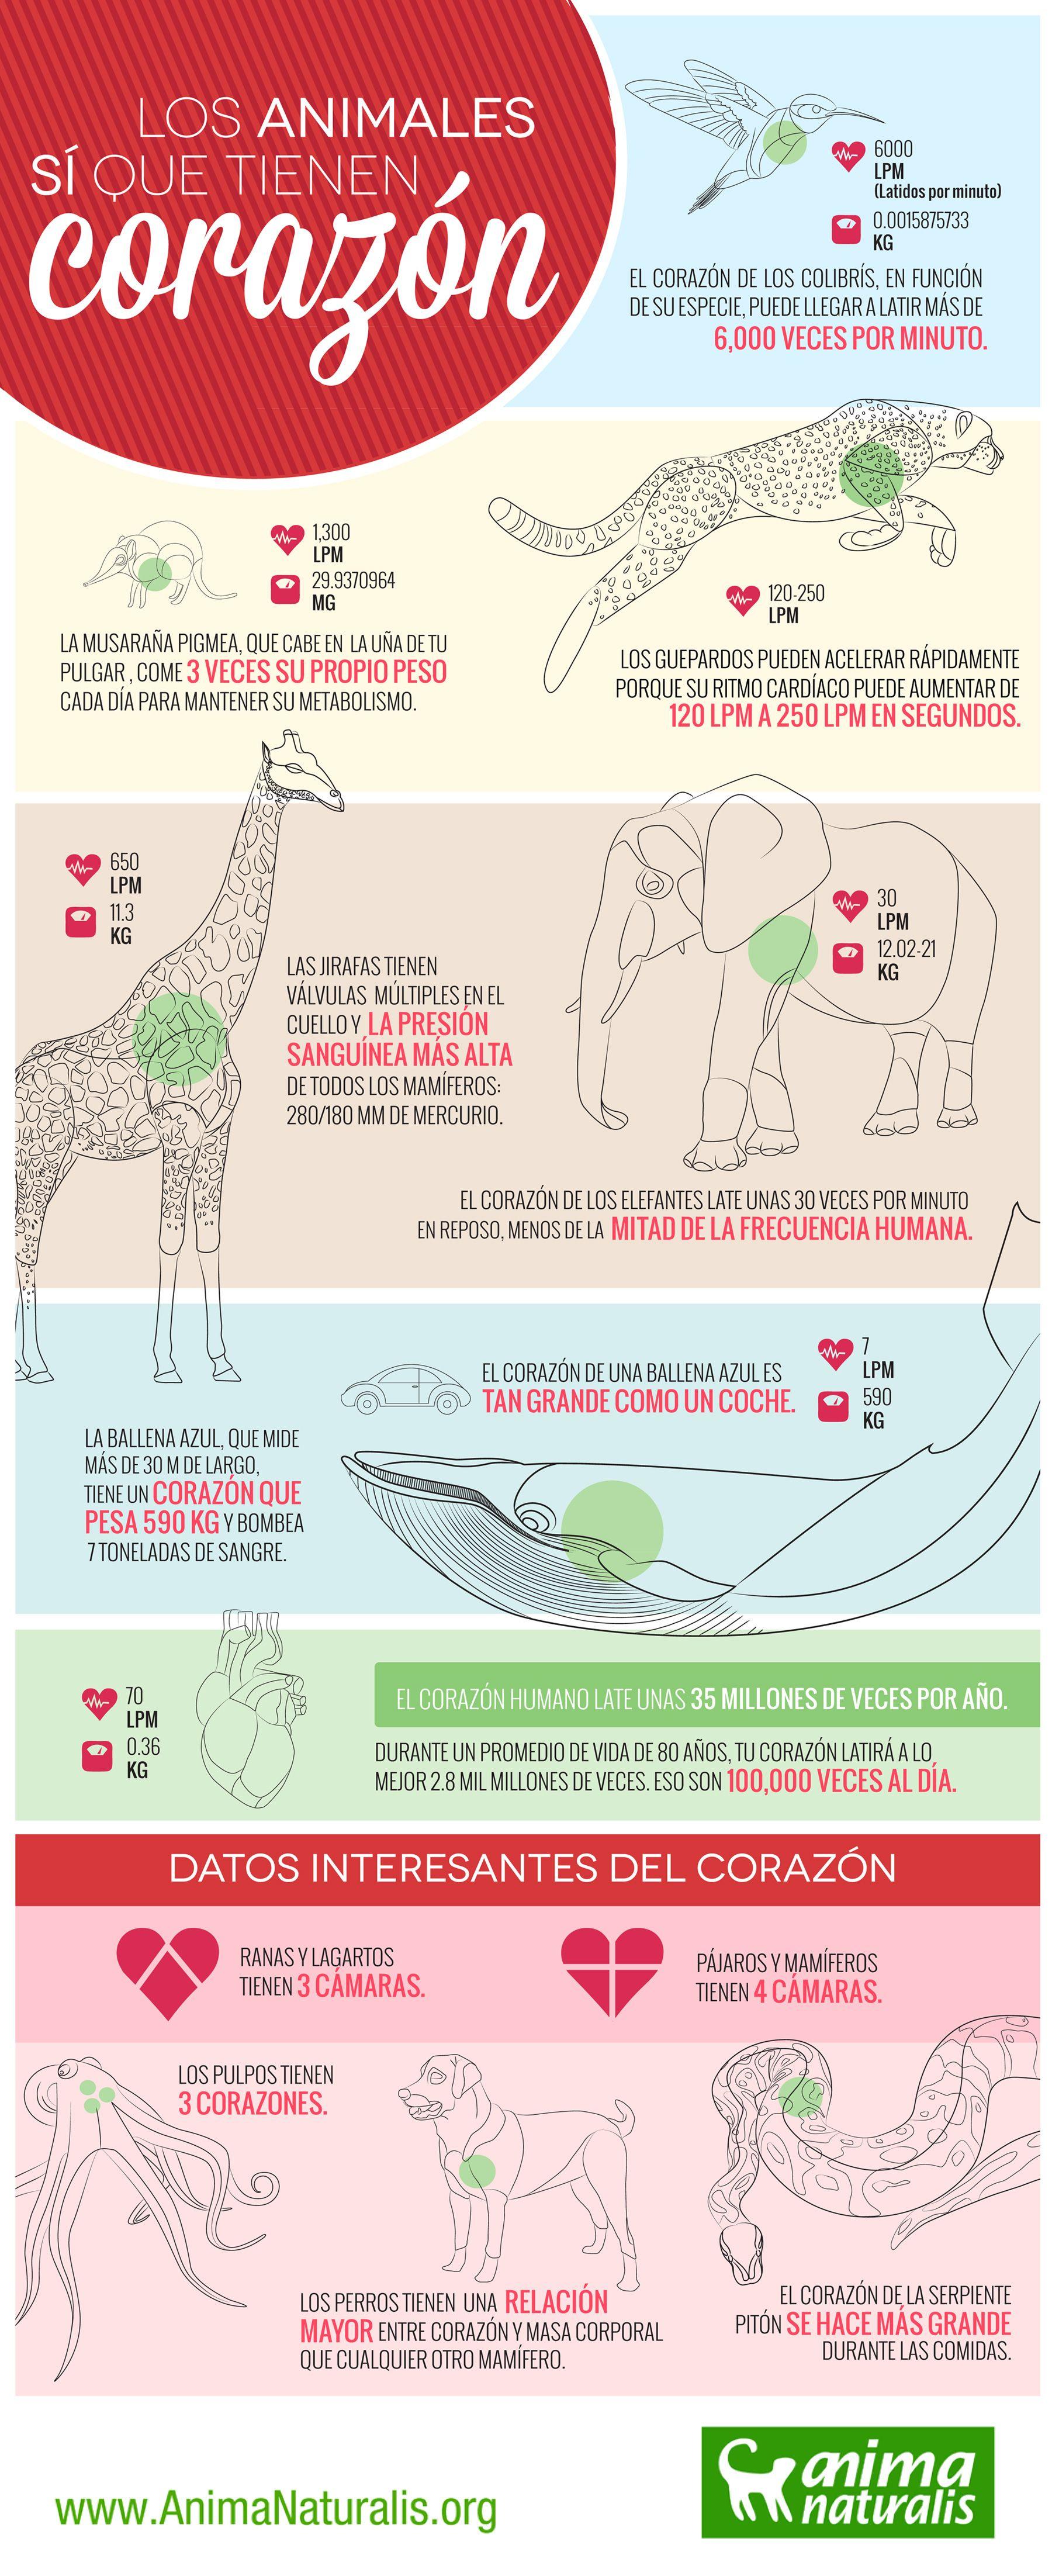 Algunos Animales Sí Que Tienen Corazón San Valentín Es El Día Tradicional Para Regalar Corazones Veam Bienestar Animal Animales Los Animales Tienen Derechos